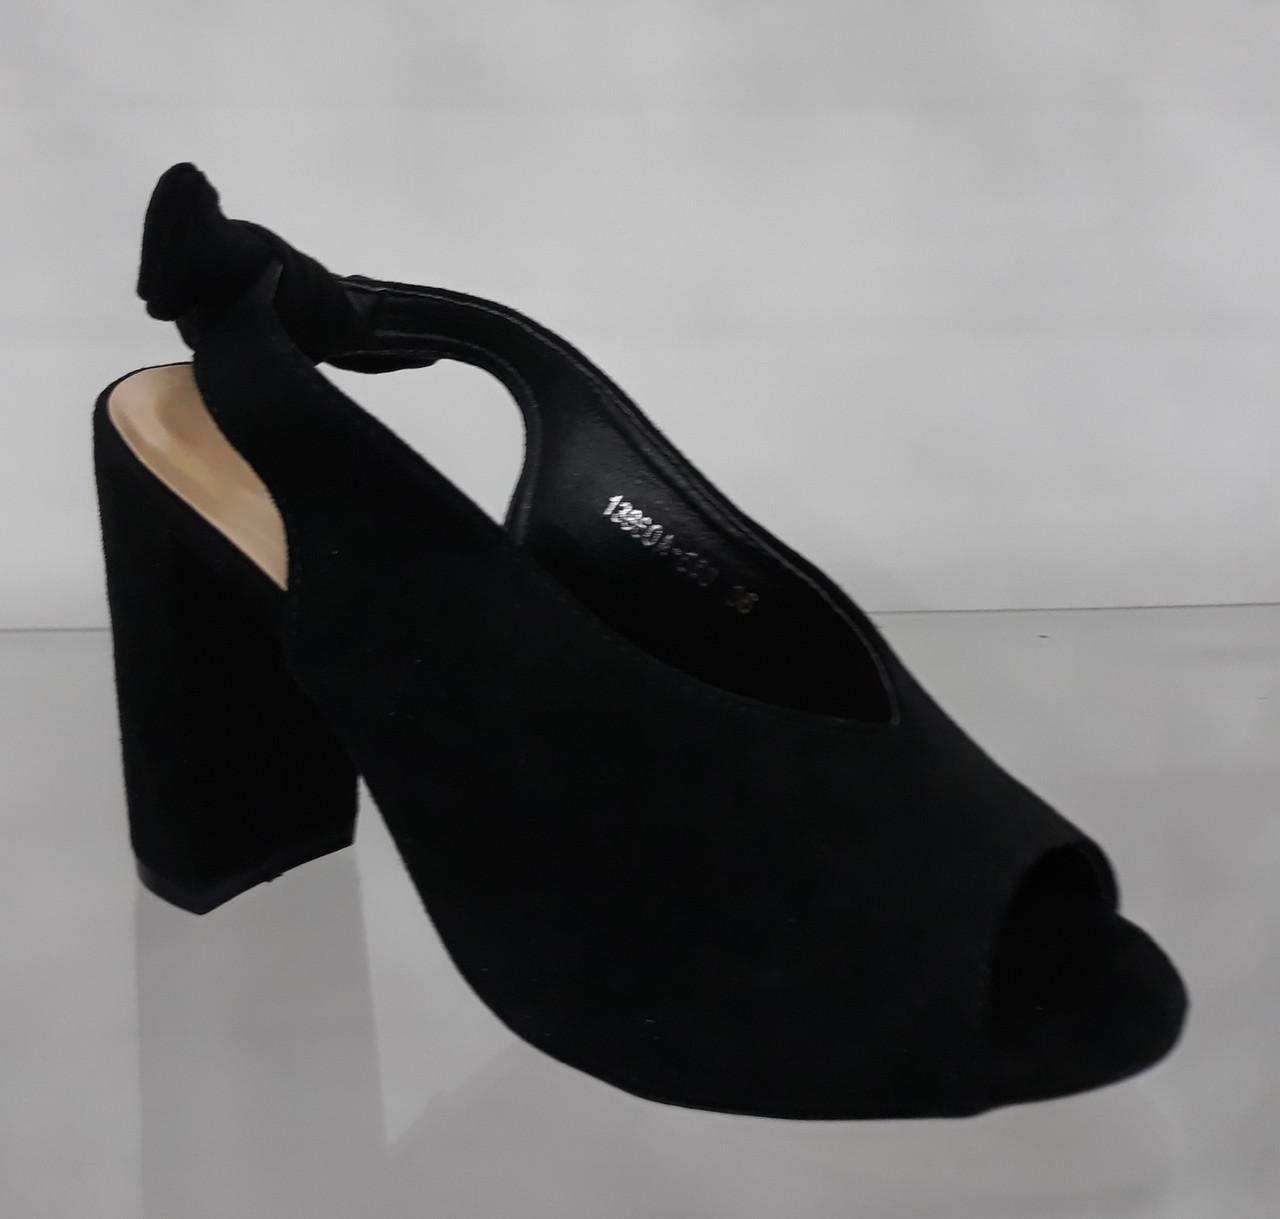 9014bbd8d Босоножки женские черные замшевые с узелком на пятке на высоком устойчивом  каблуке